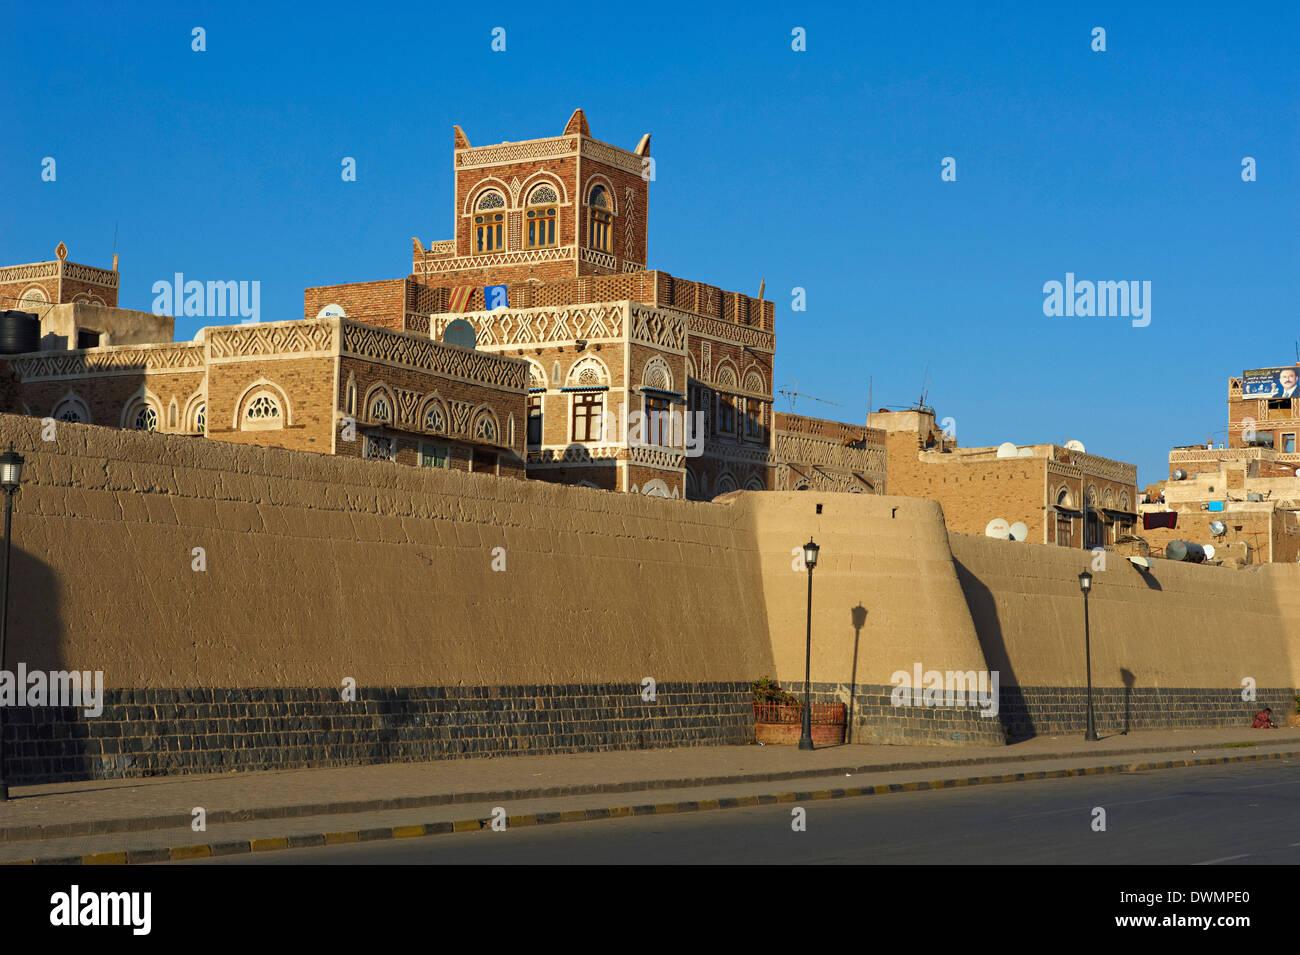 Old City of Sanaa, UNESCO World Heritage Site, Yemen, Middle East Stock Photo